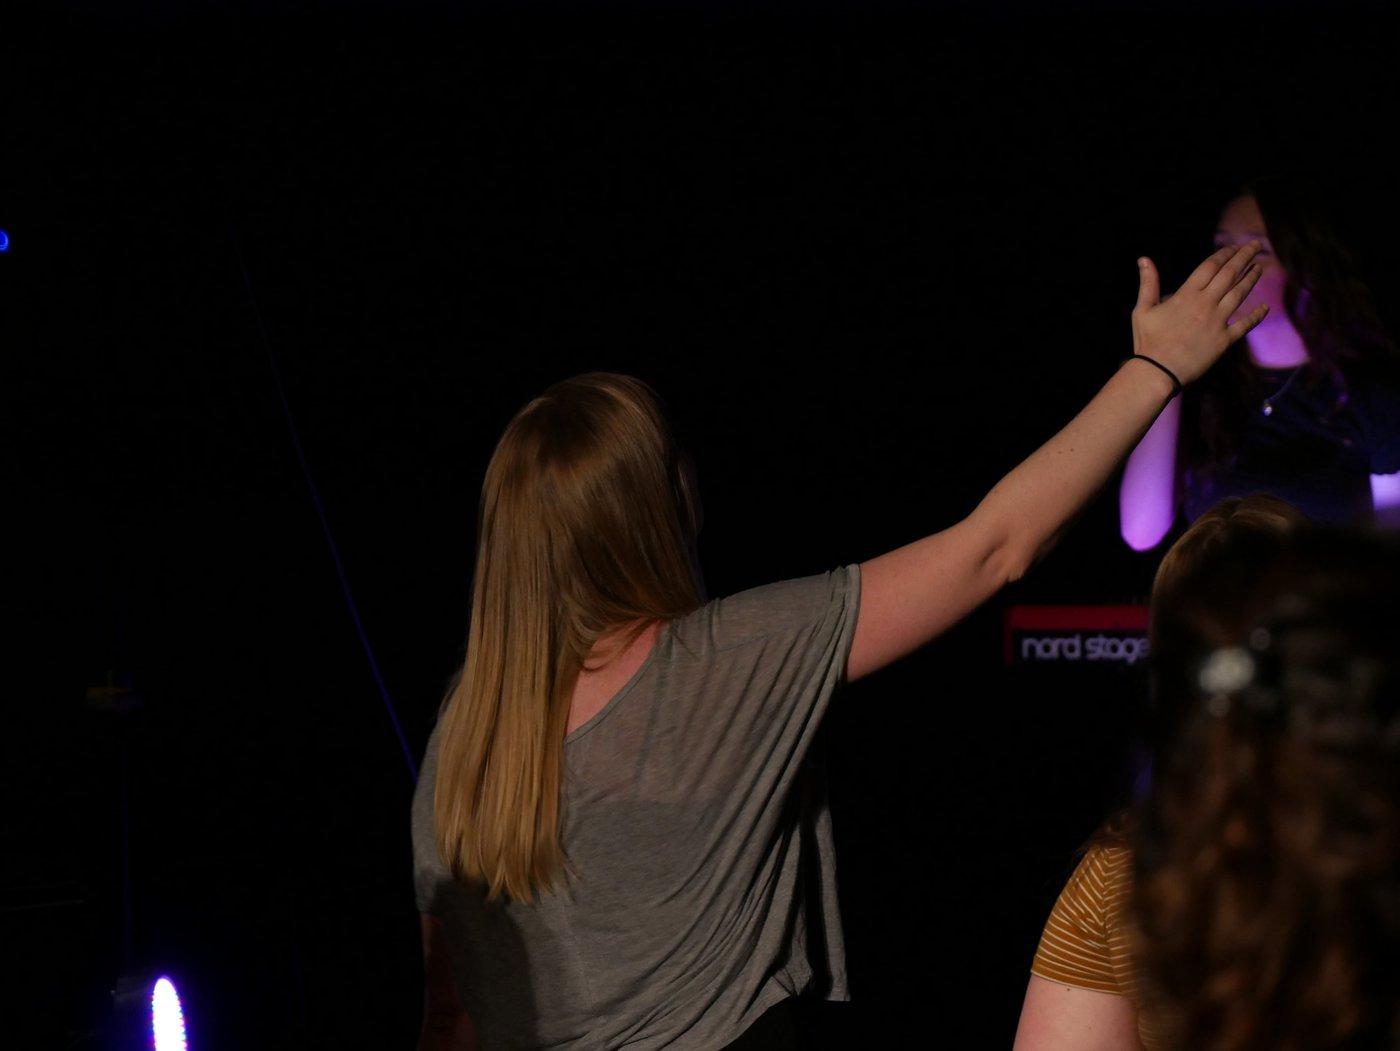 Faith Follower in Worship